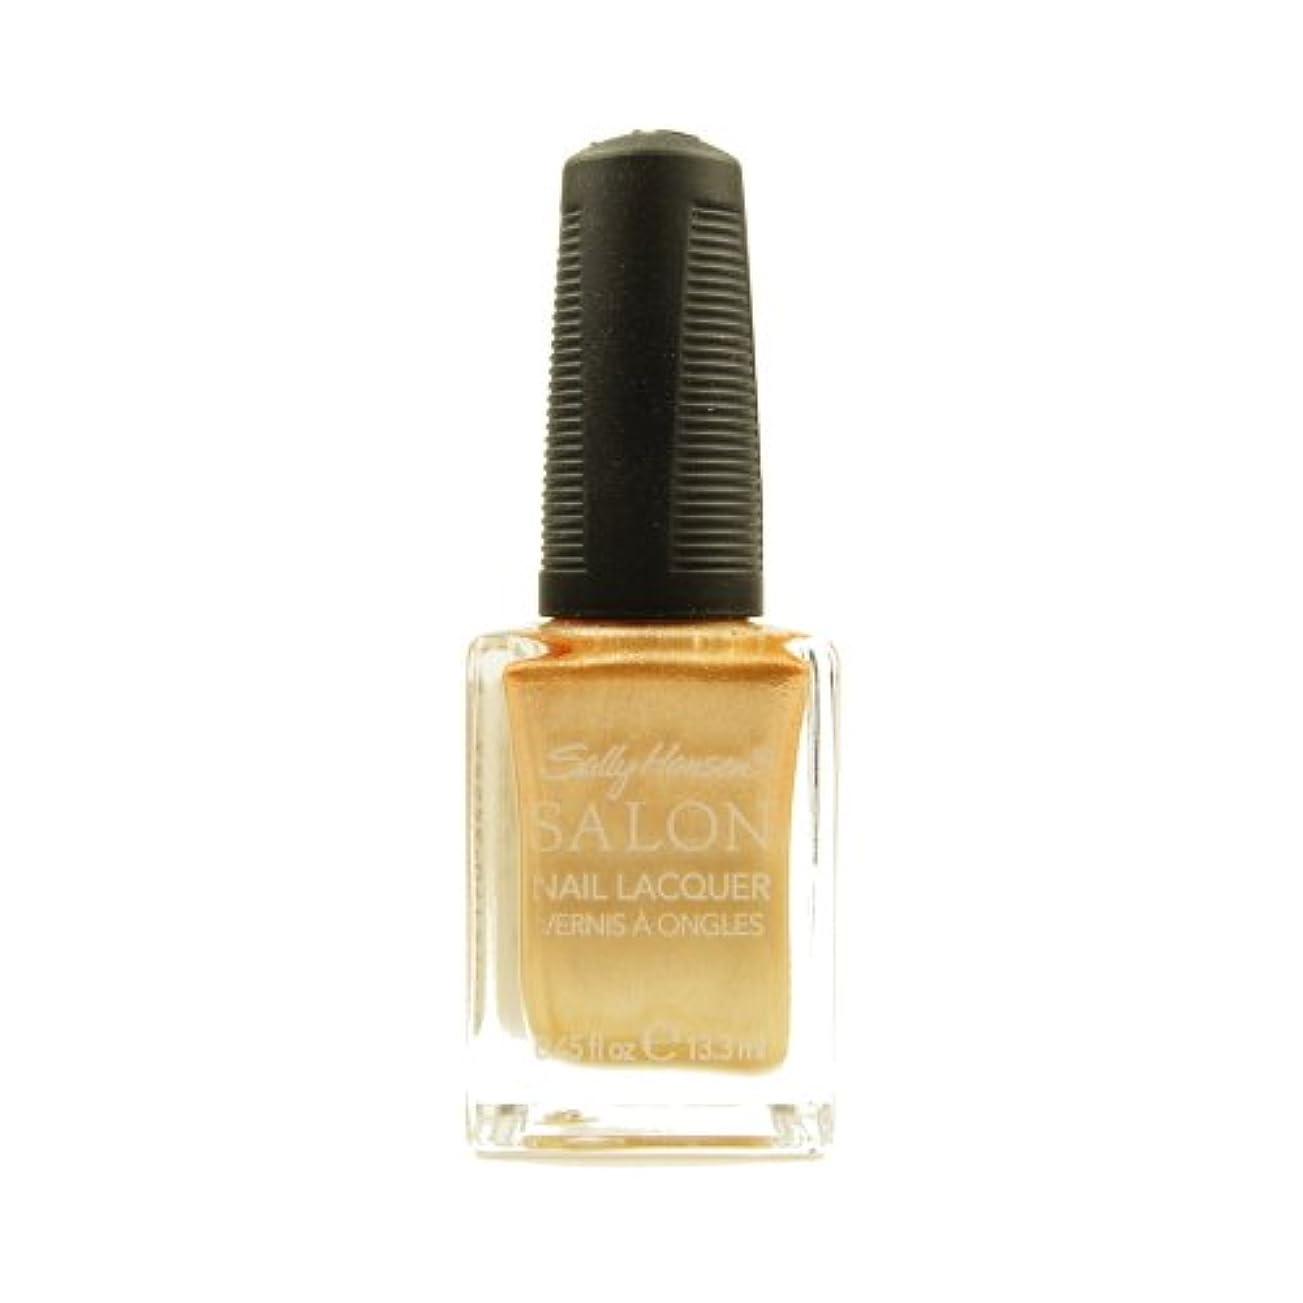 疾患一元化するミュートSALLY HANSEN Salon Nail Lacquer 4134 - Gilty Pleasure (並行輸入品)